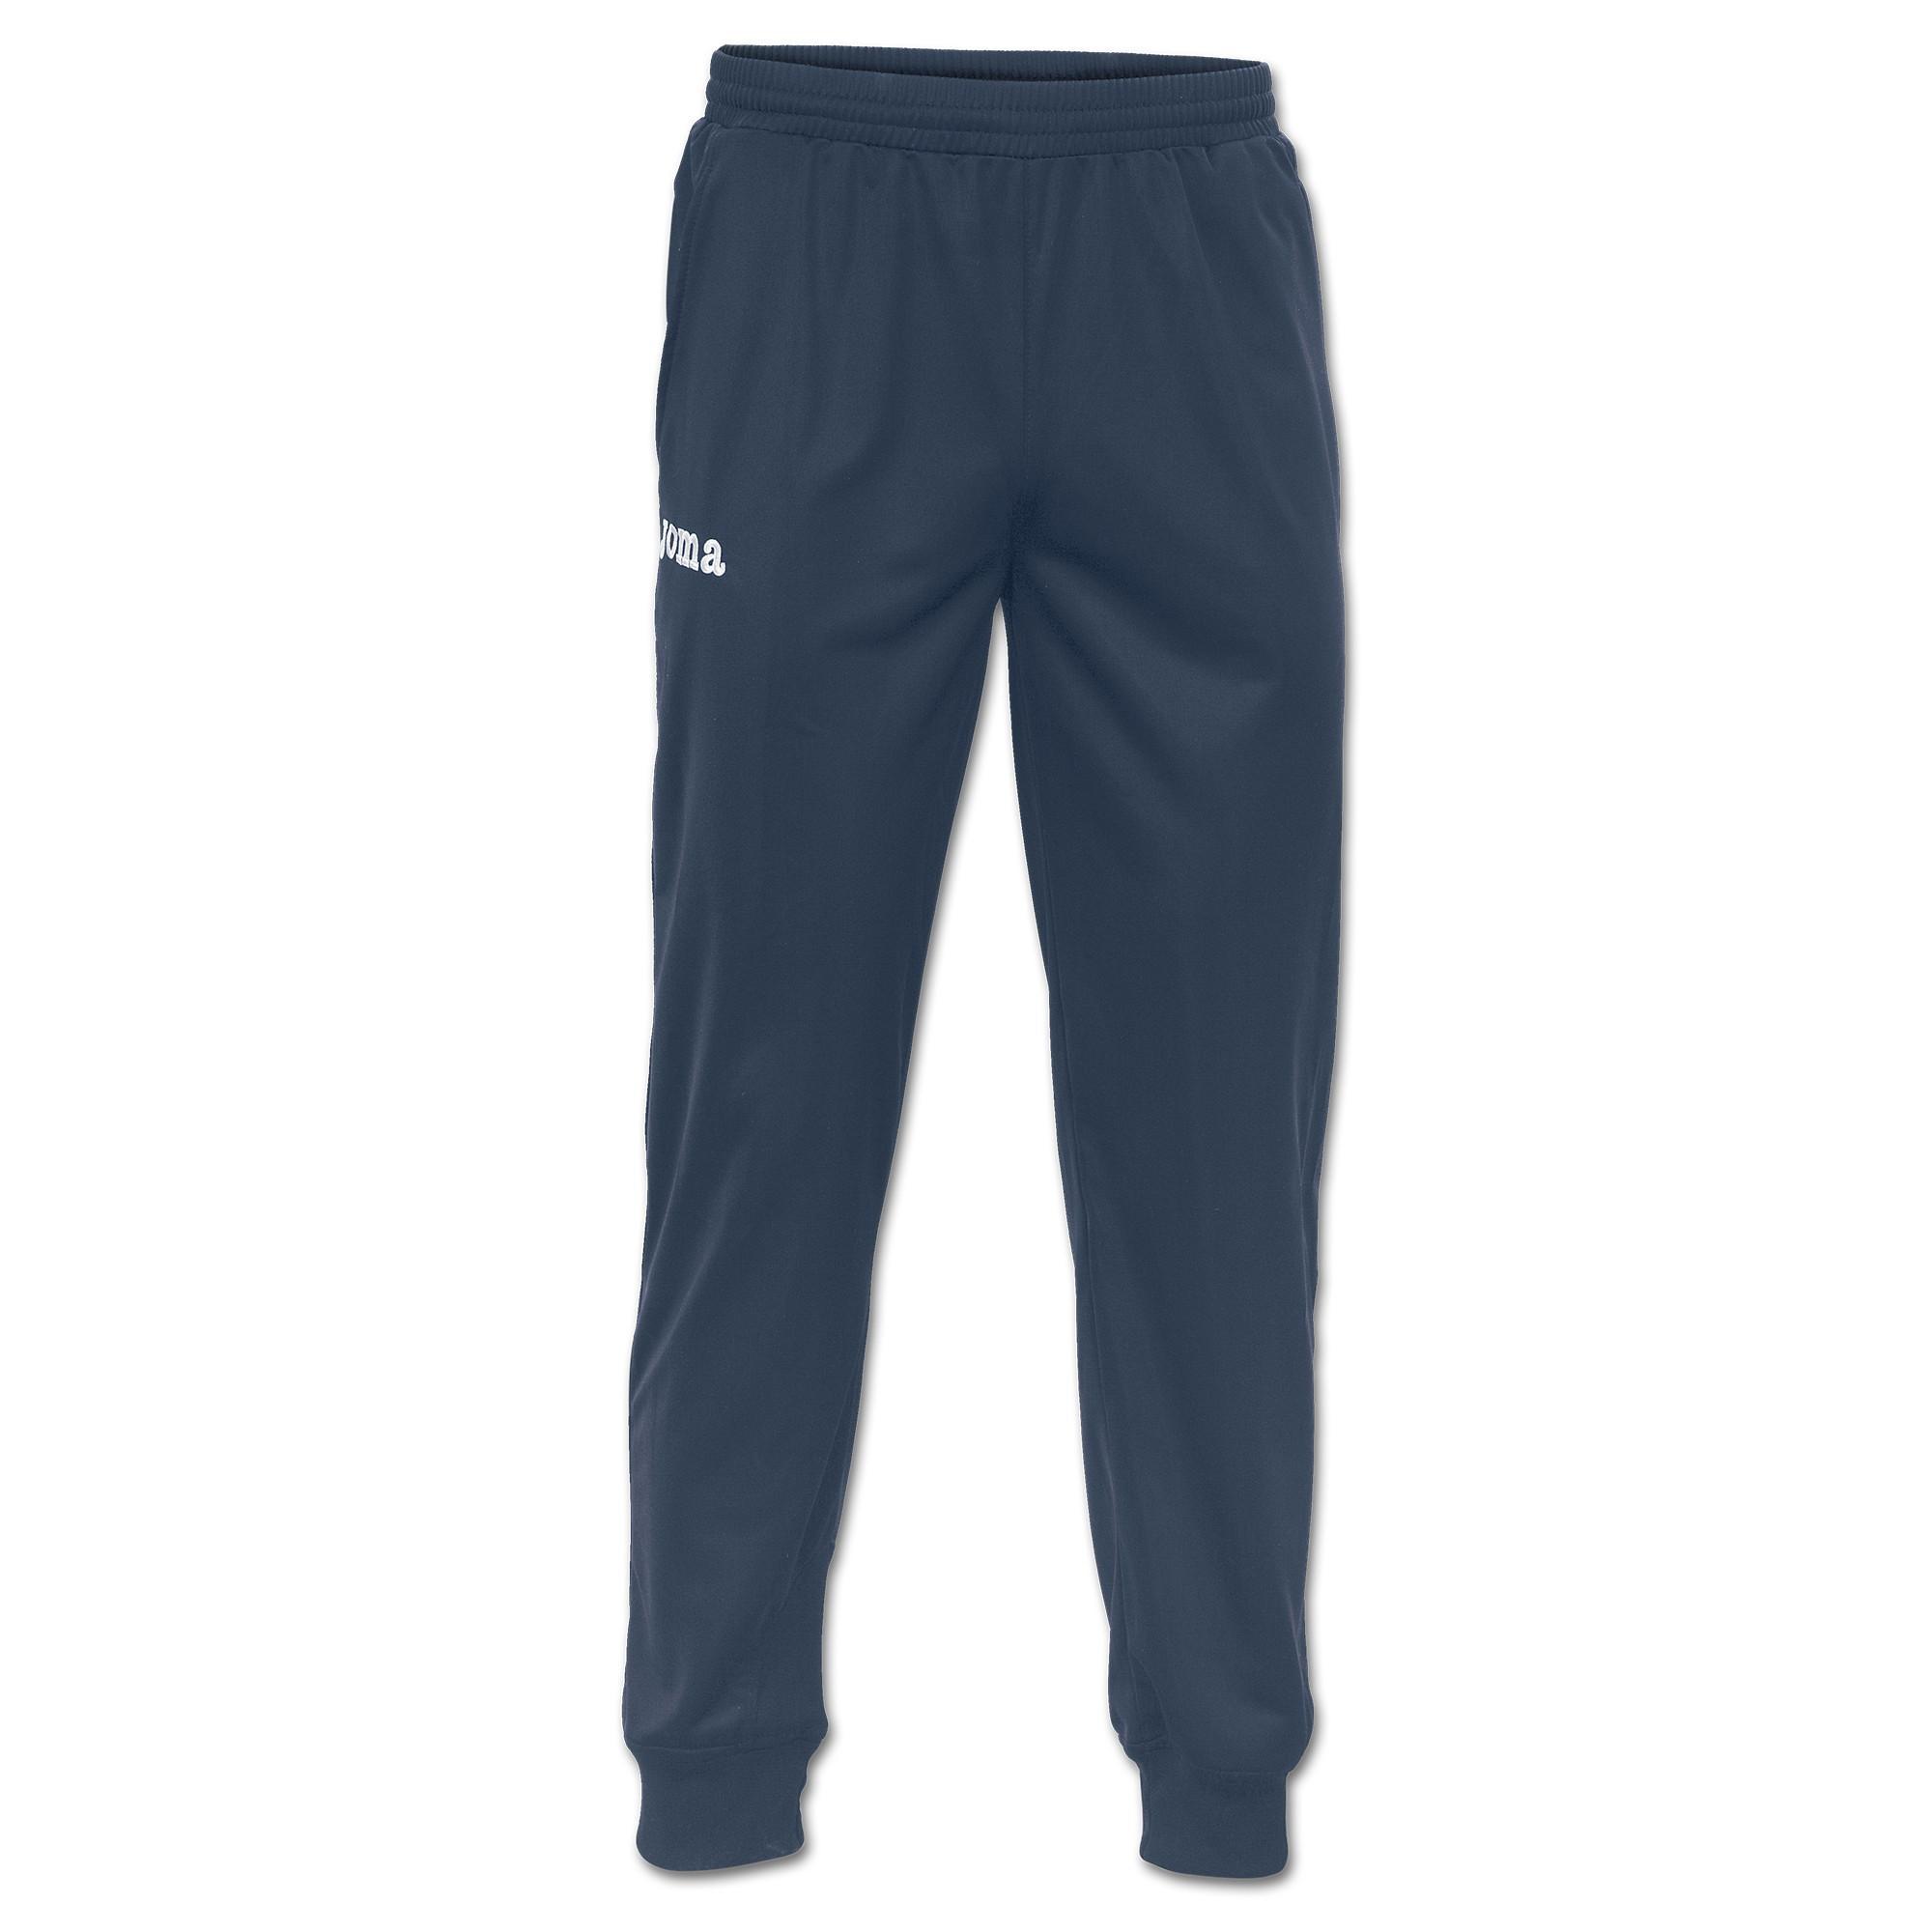 Spodnie dresowe męskie JOMA COMBI ESTADIO